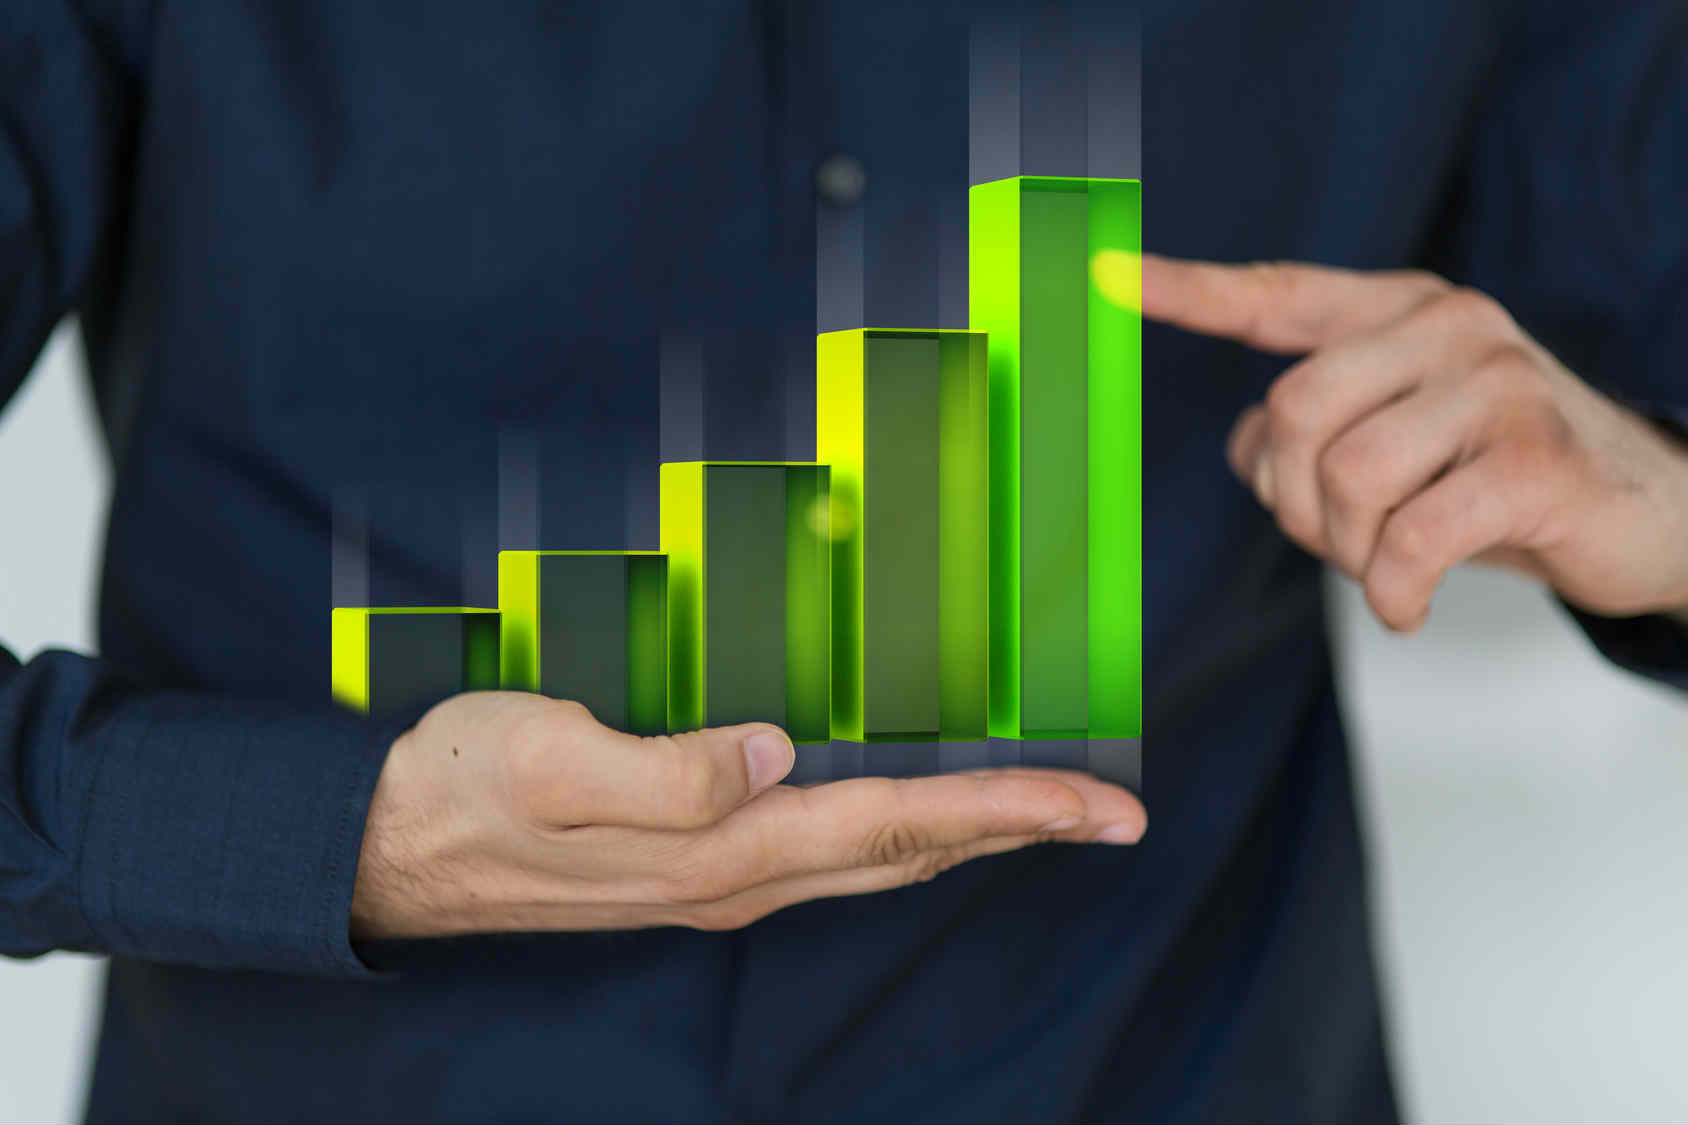 «Химия» кредитного рейтинга и ее влияние на экономику